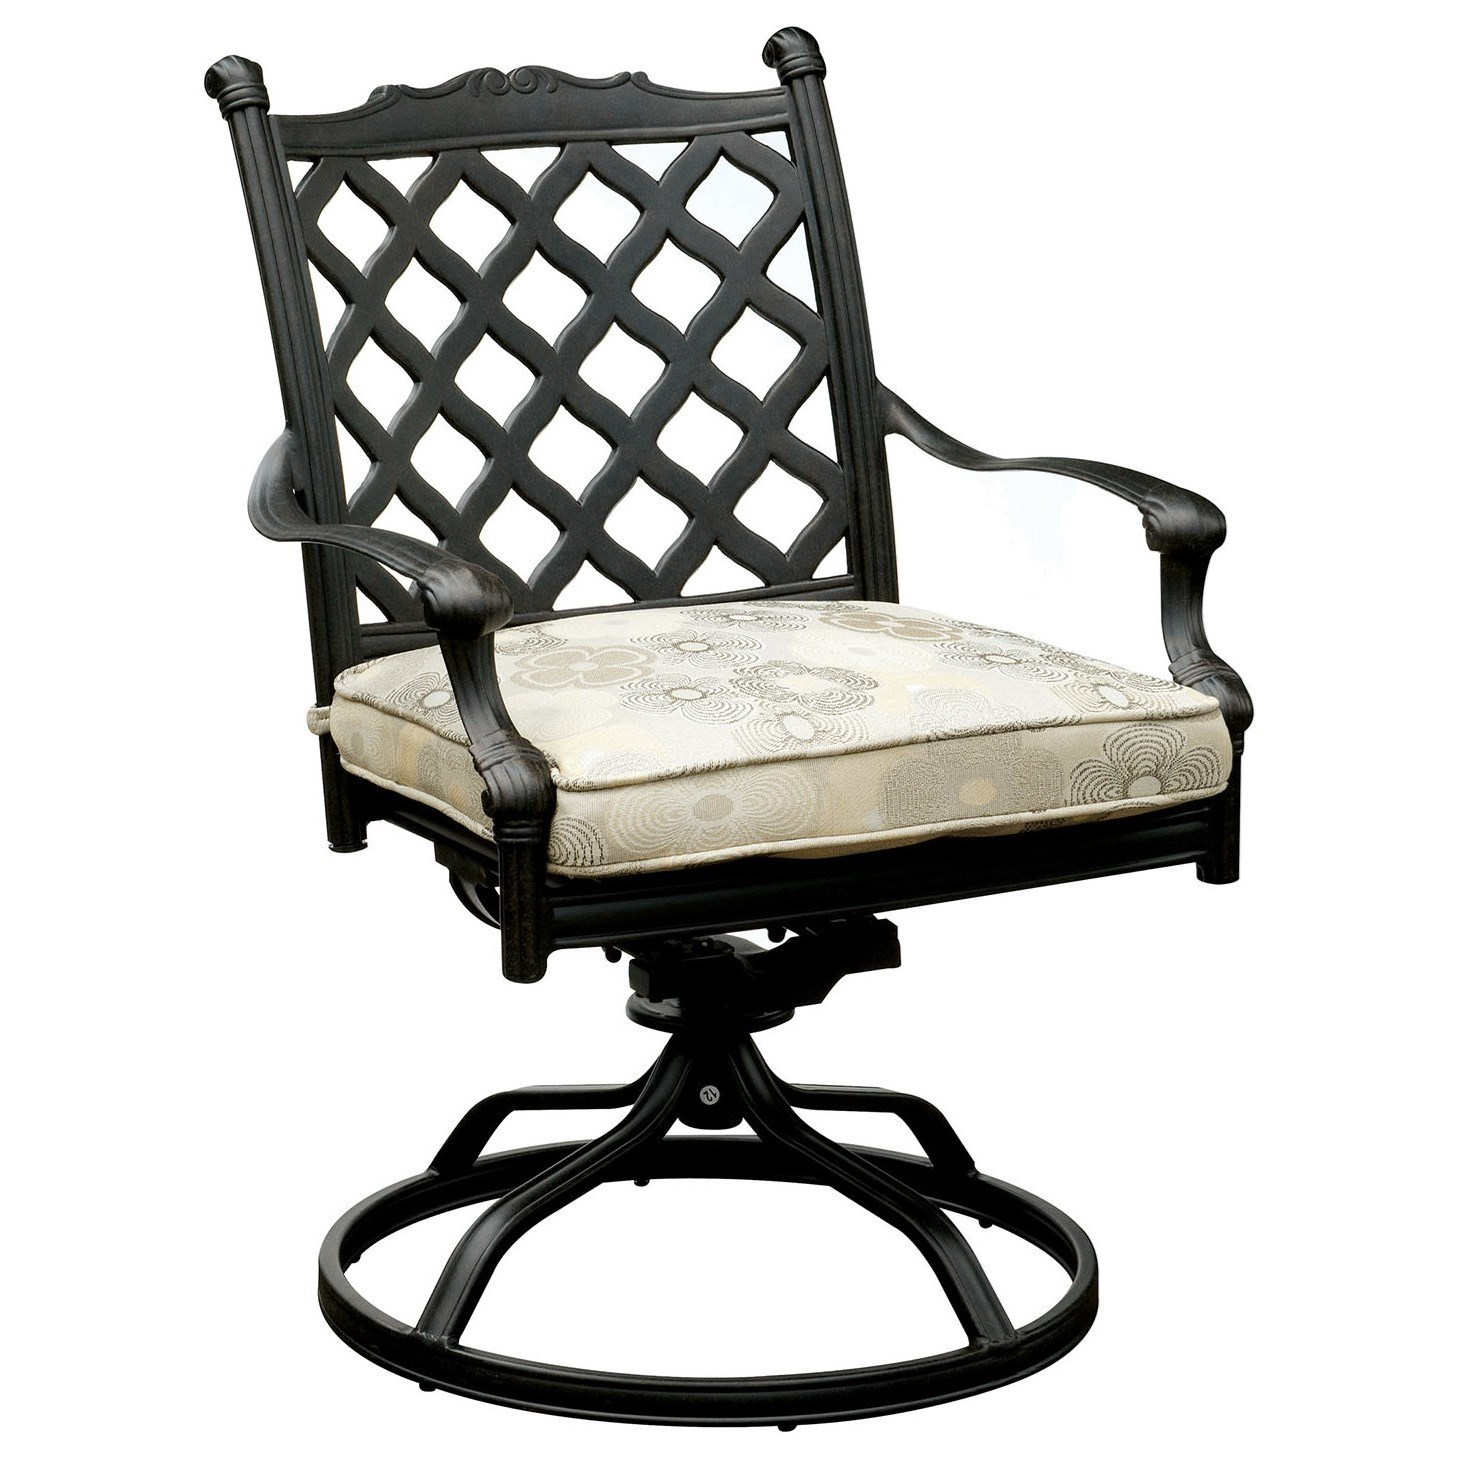 del sol furniture